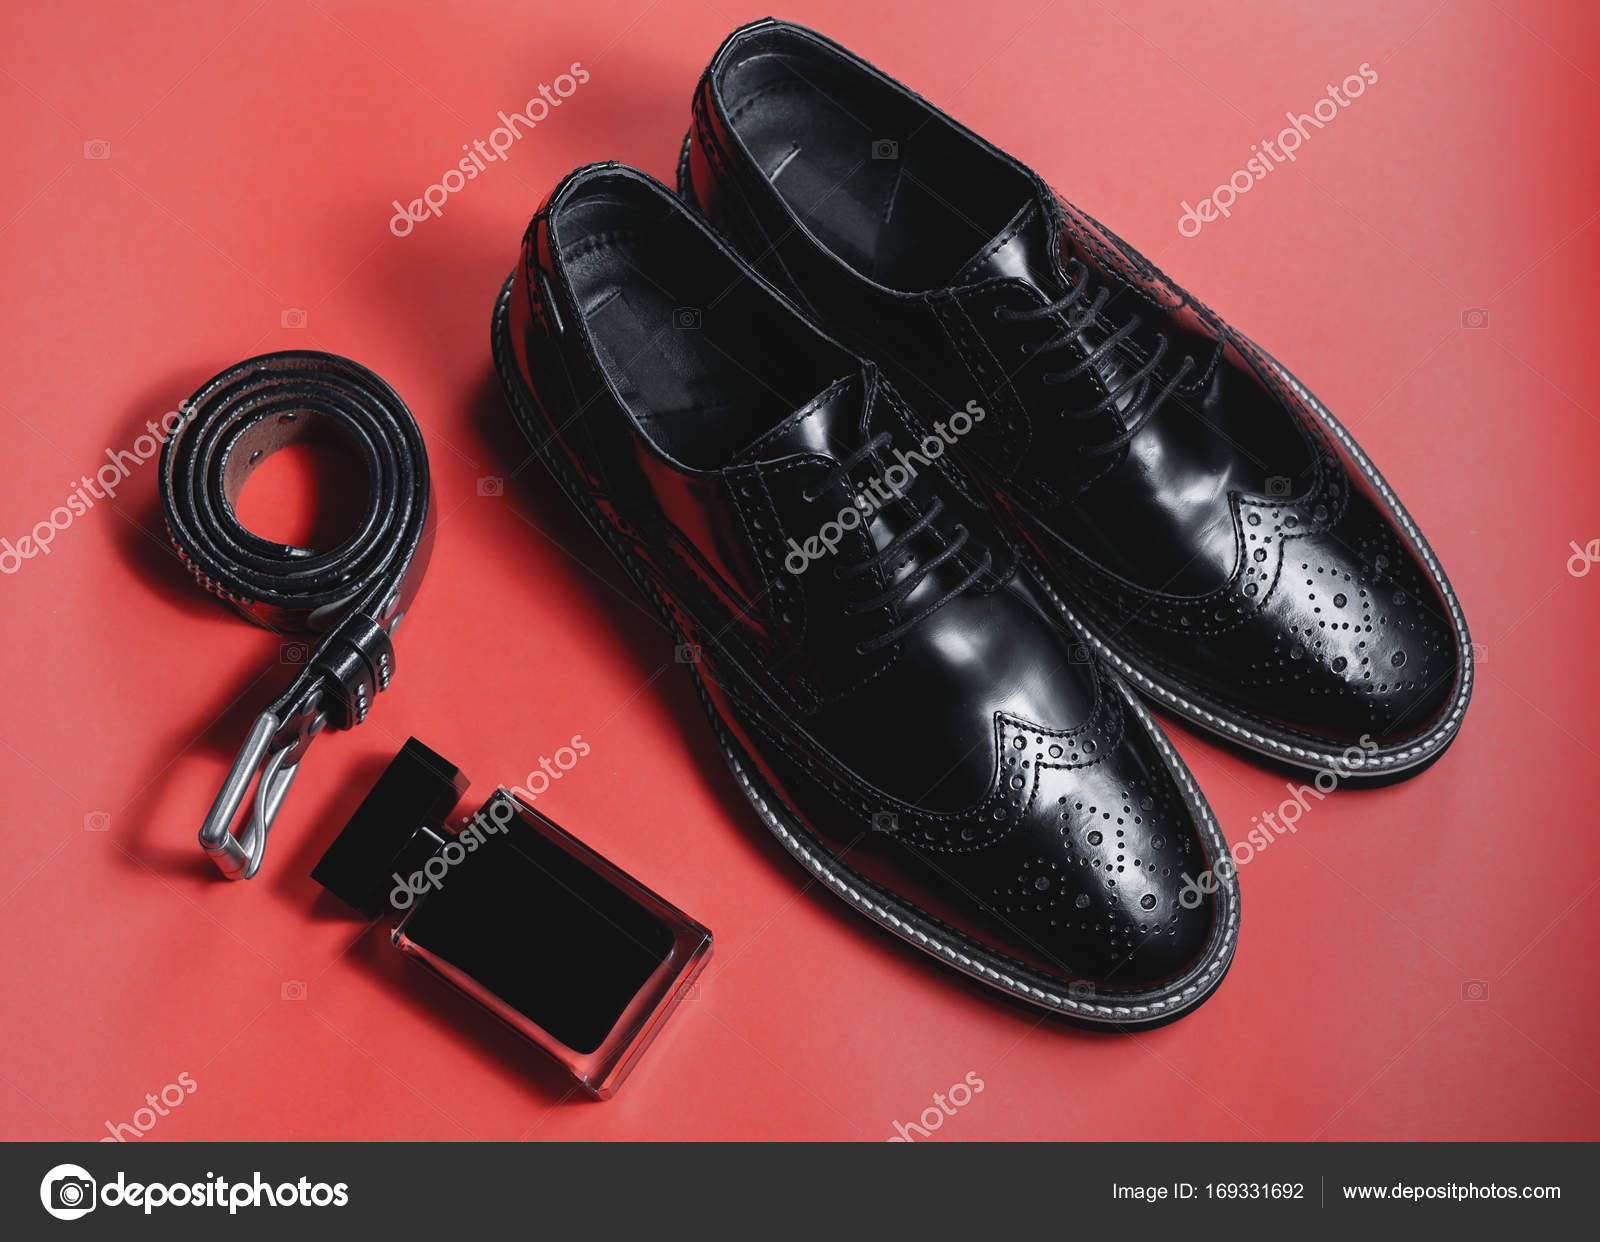 129a28ca81b Ανδρικό αξεσουάρ. Παπούτσια με άρωμα και ζώνη — Φωτογραφία Αρχείου ...